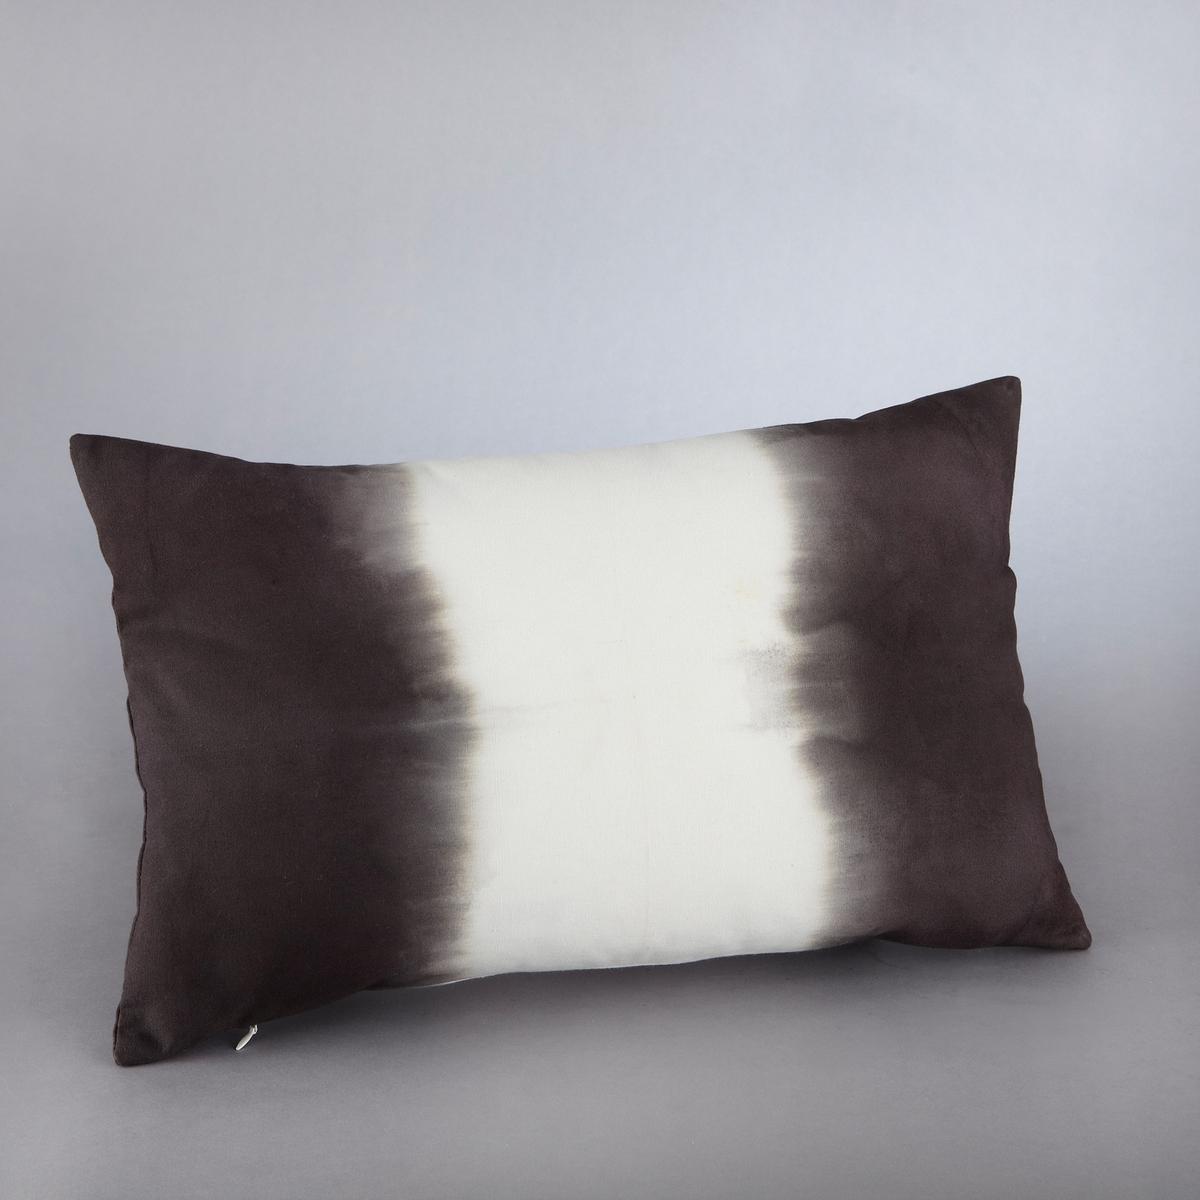 где купить  Чехол для подушки  по лучшей цене